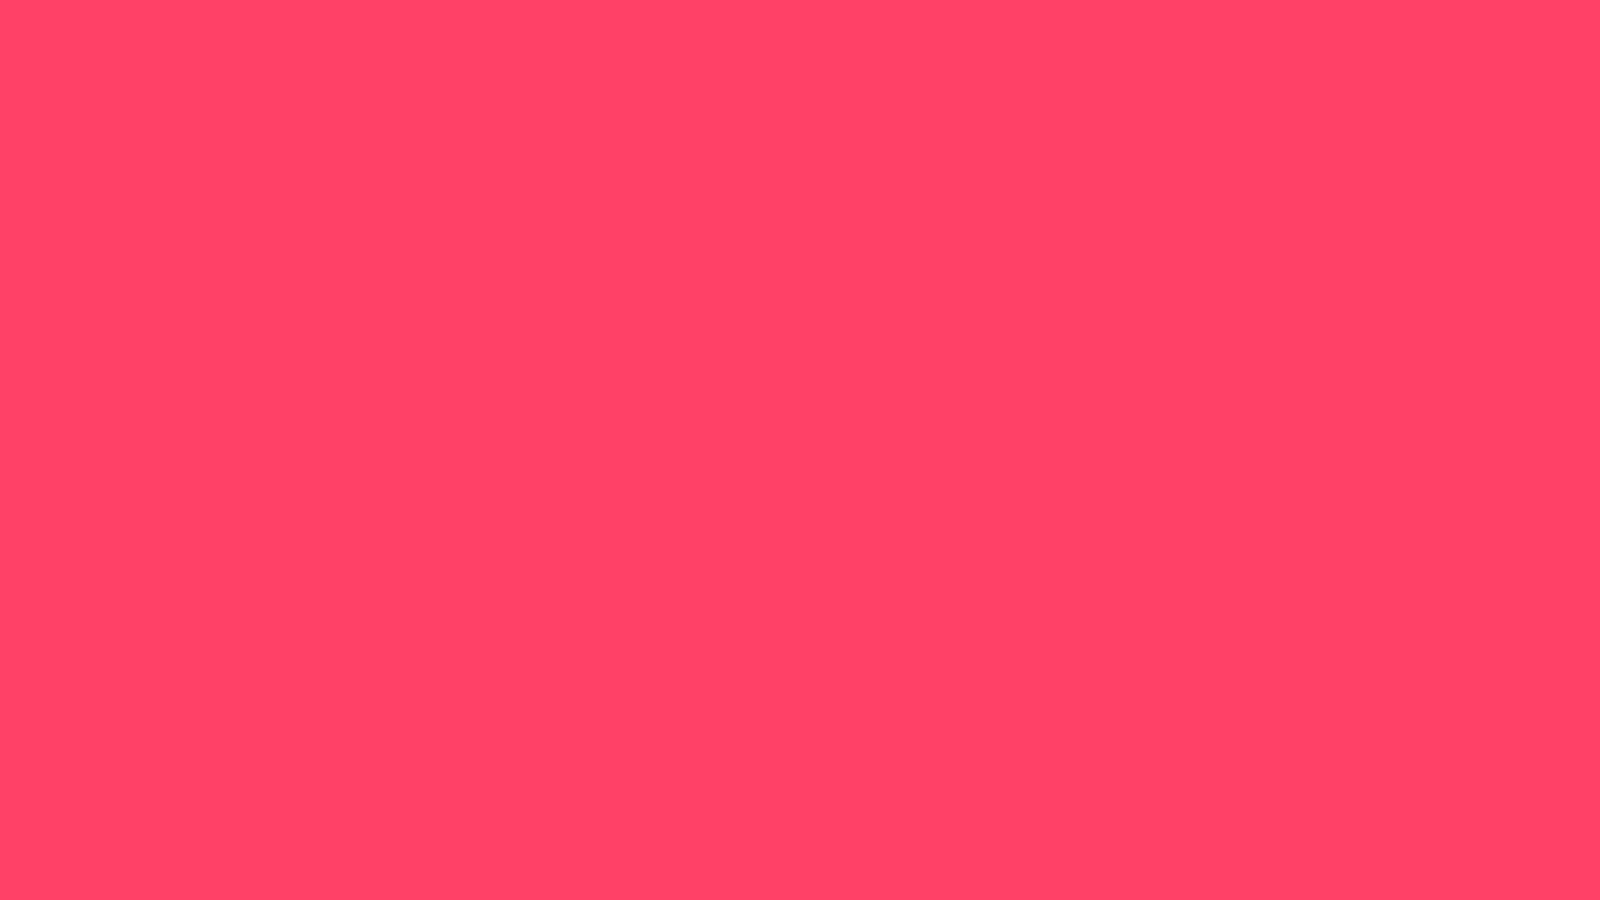 1600x900 Neon Fuchsia Solid Color Background